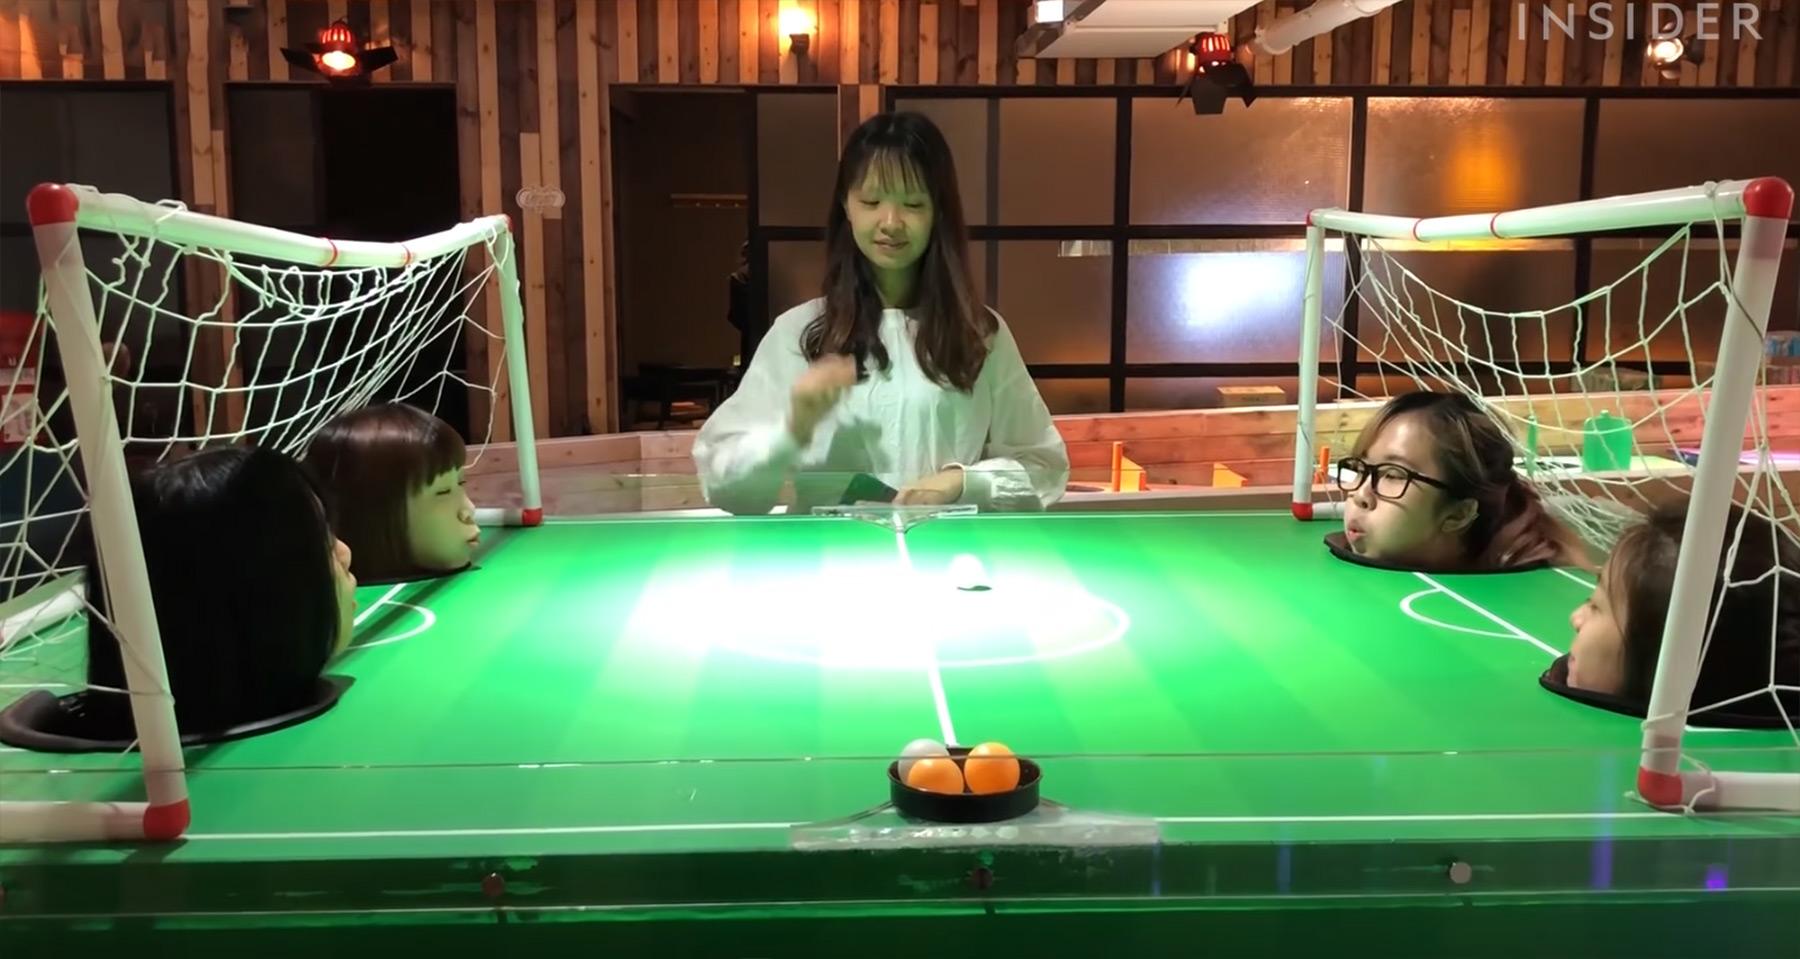 In dieser Spielhalle kann man Puste-Pong und andere skurrile Spiele spielen puste-ping-pong